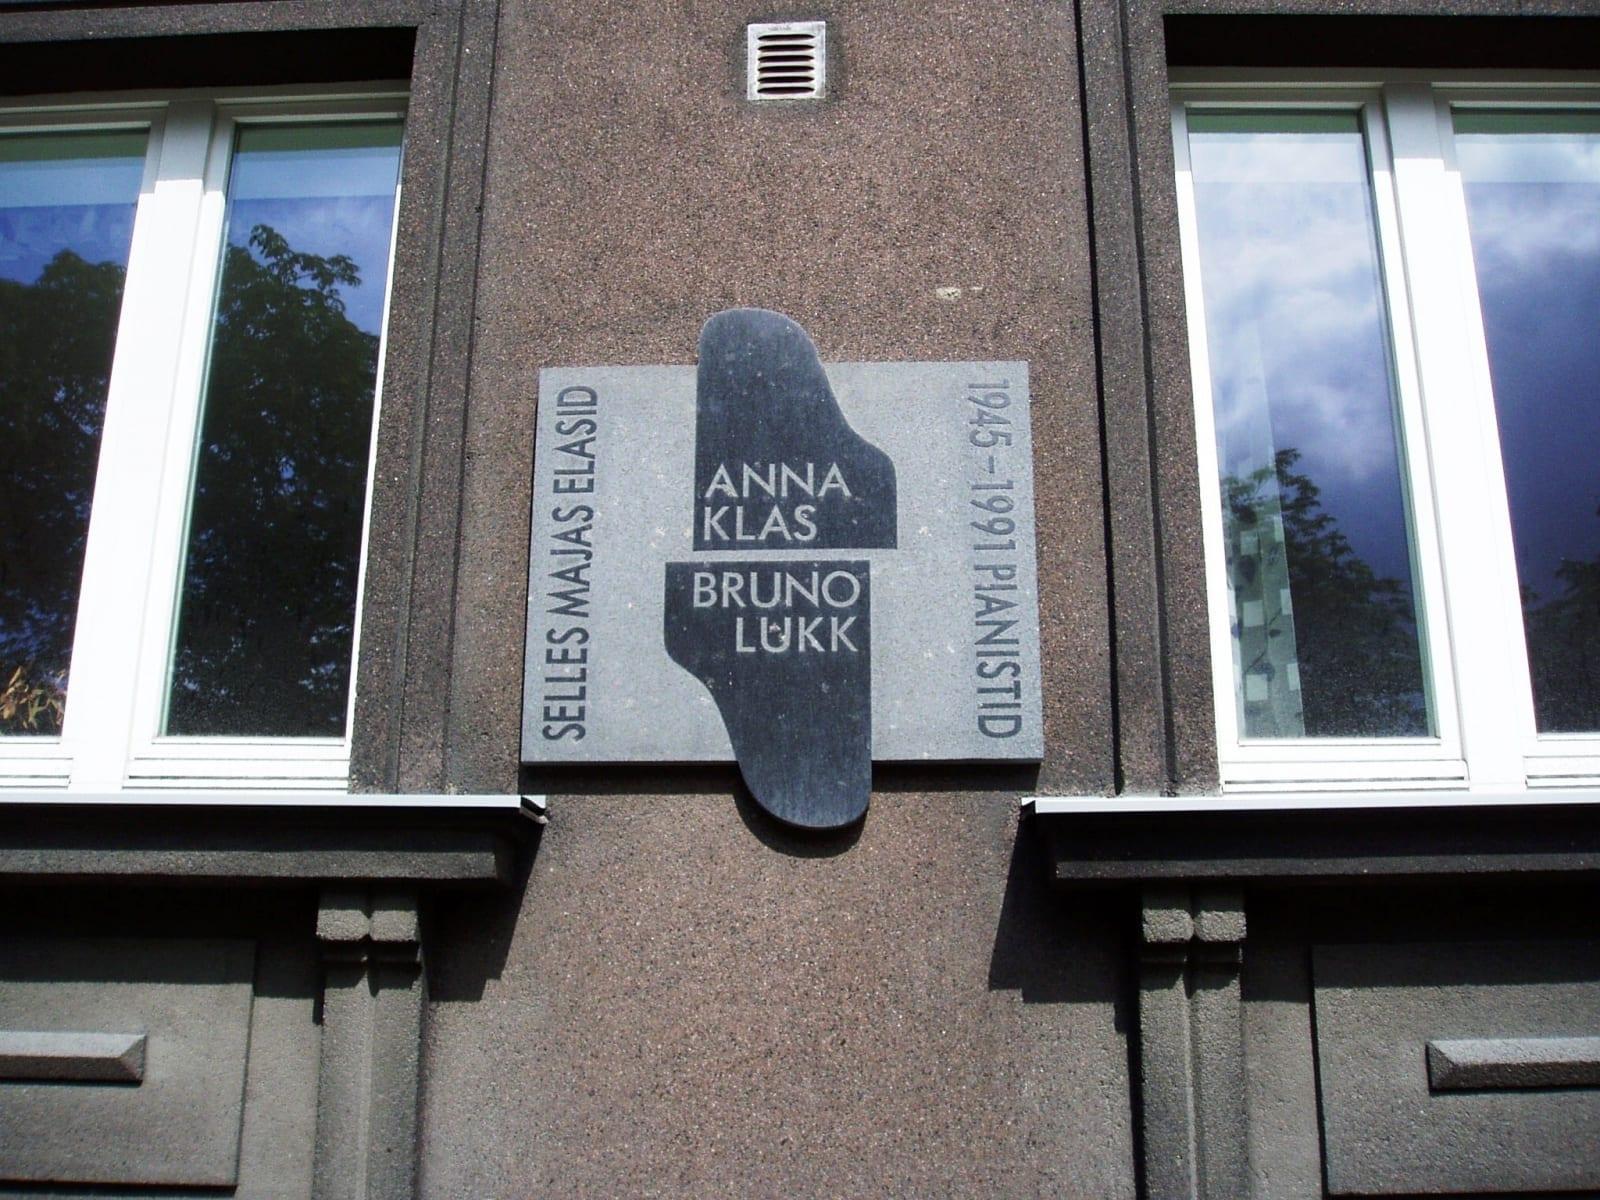 Mälestustahvel pianistidele A.KLAS`ile ja B.LUKK´ile 1996 graniit - Gonsiori 17, Tallinn, Eesti   <br/>Memorial tablet for pianists A.Klas and B.Lukk 1996 granit - Gonsiori 17, Tallinn, Estonia